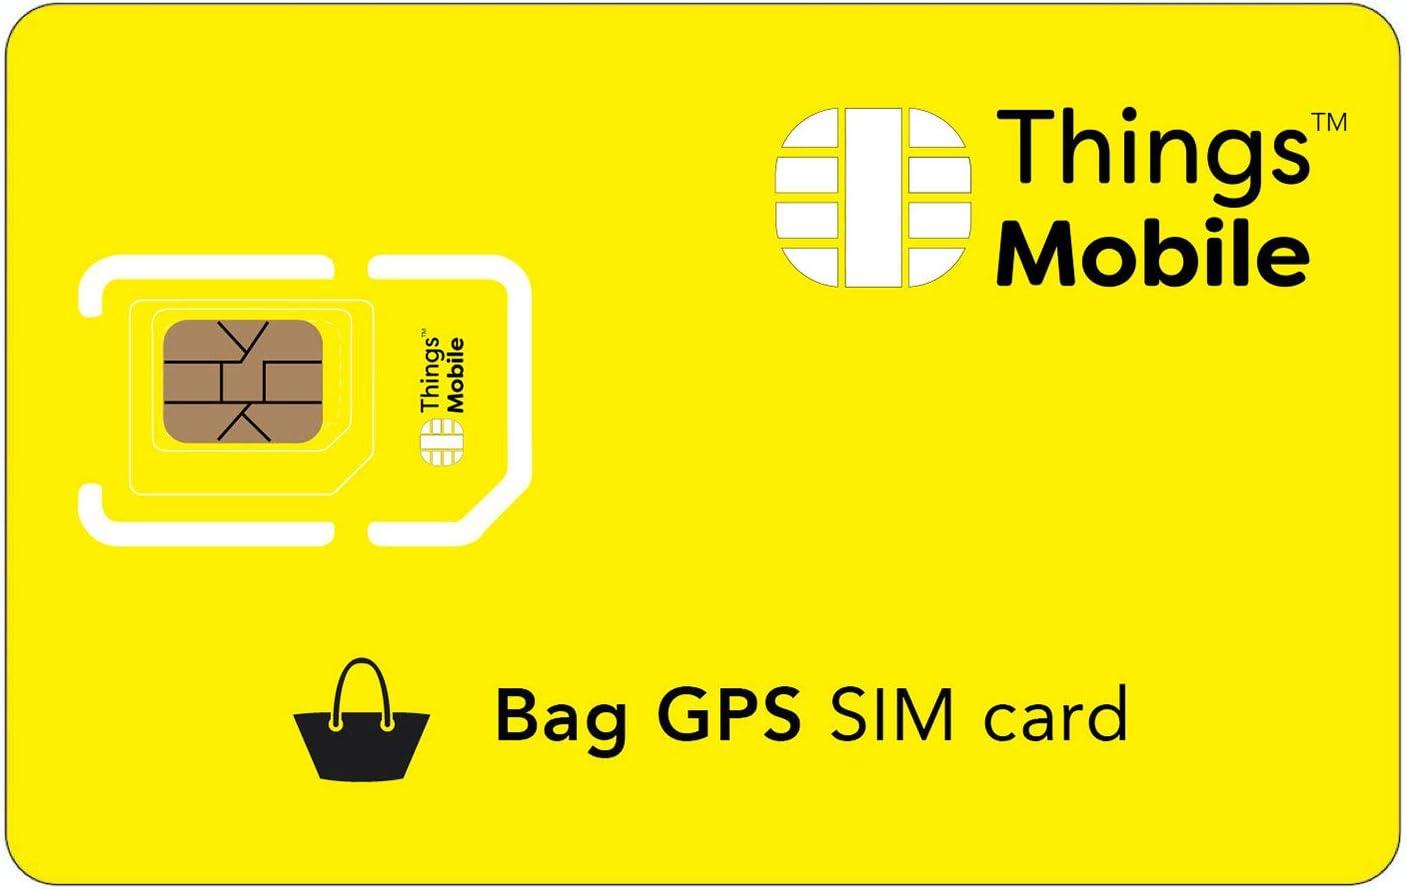 Tarjeta SIM para TRACKER / LOCALIZADOR GPS de MALETAS Things Mobile - con cobertura global y red multioperador GSM/2G/3G/4G, sin costes fijos, sin vencimiento. 10 € de crédito incluido